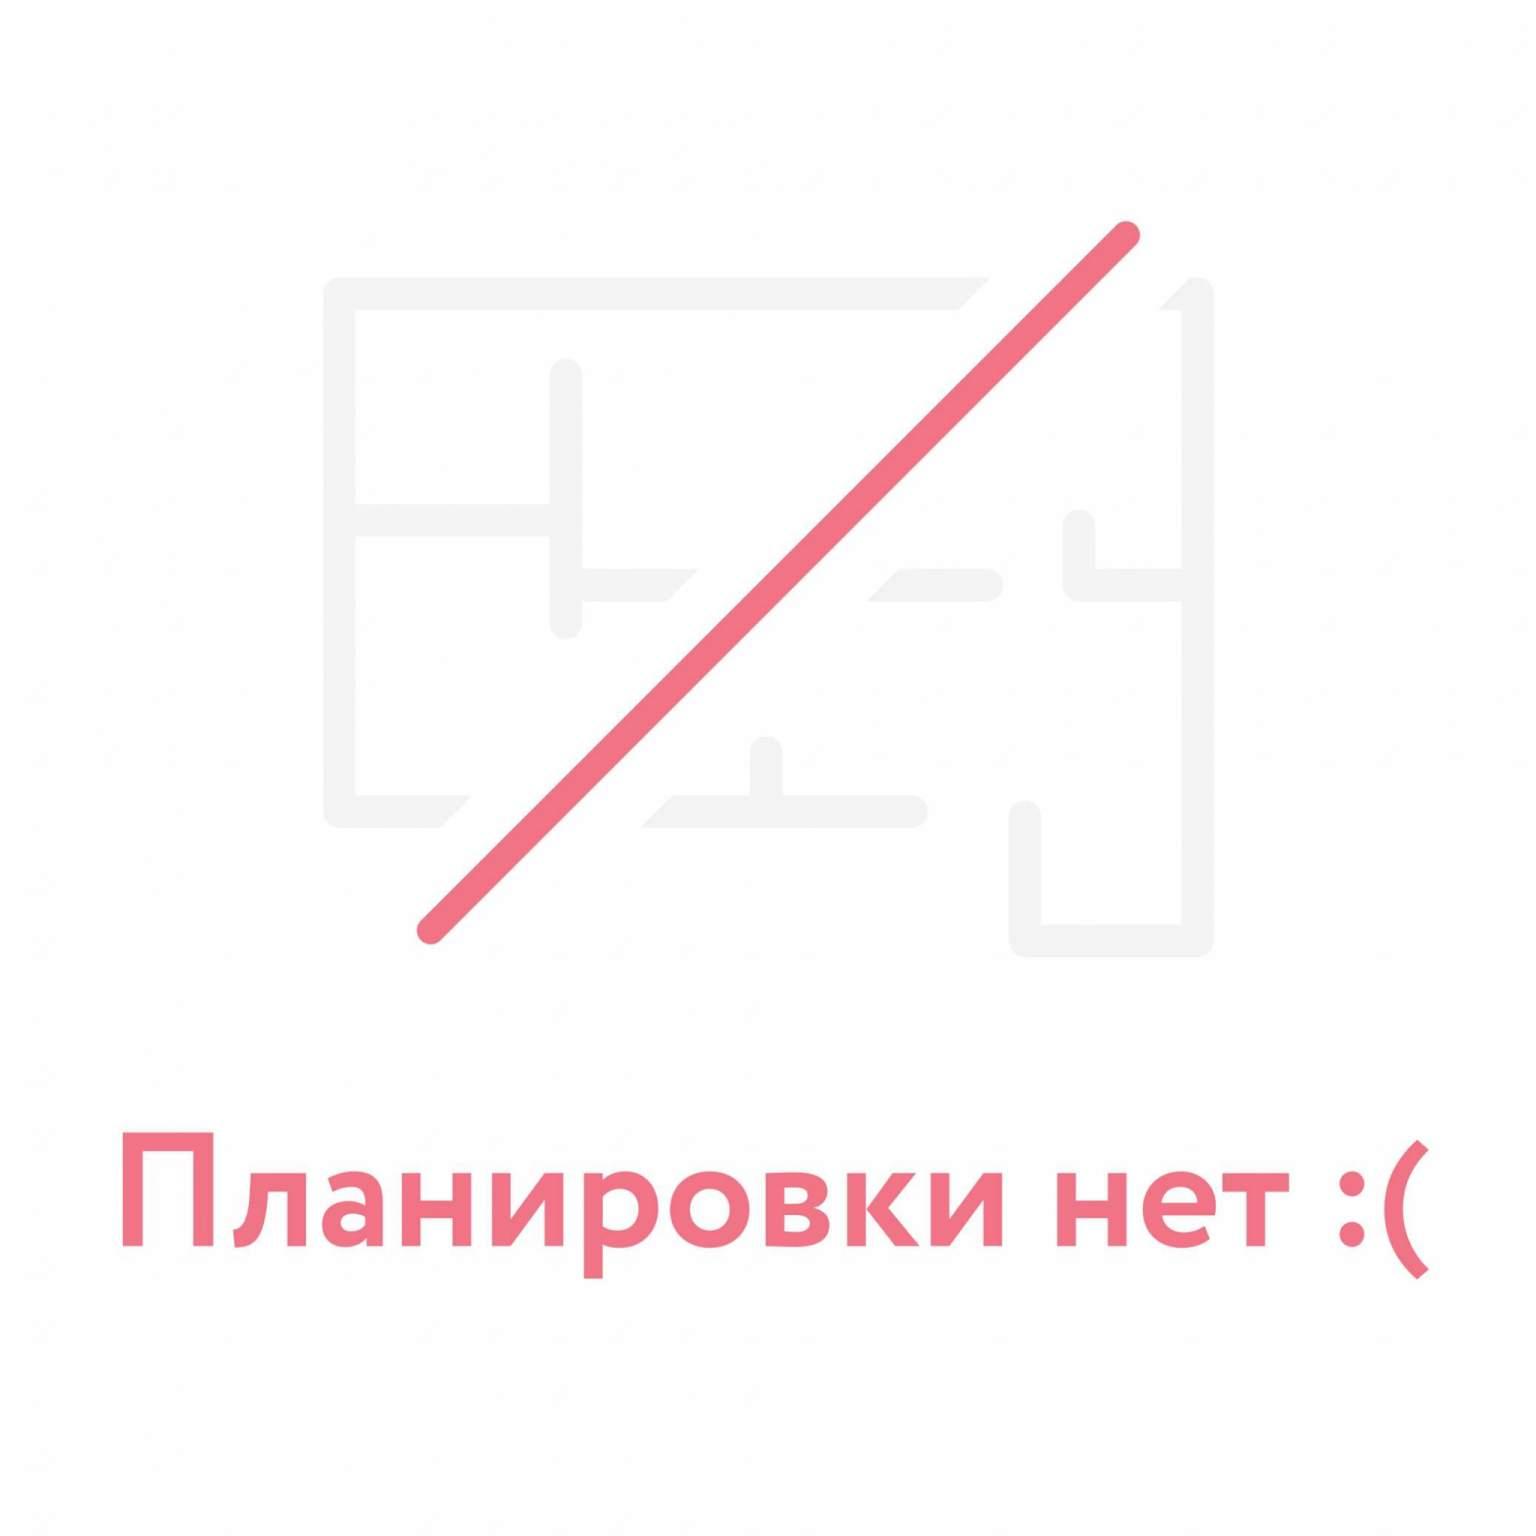 Дмитровское шоссе, влд71к5